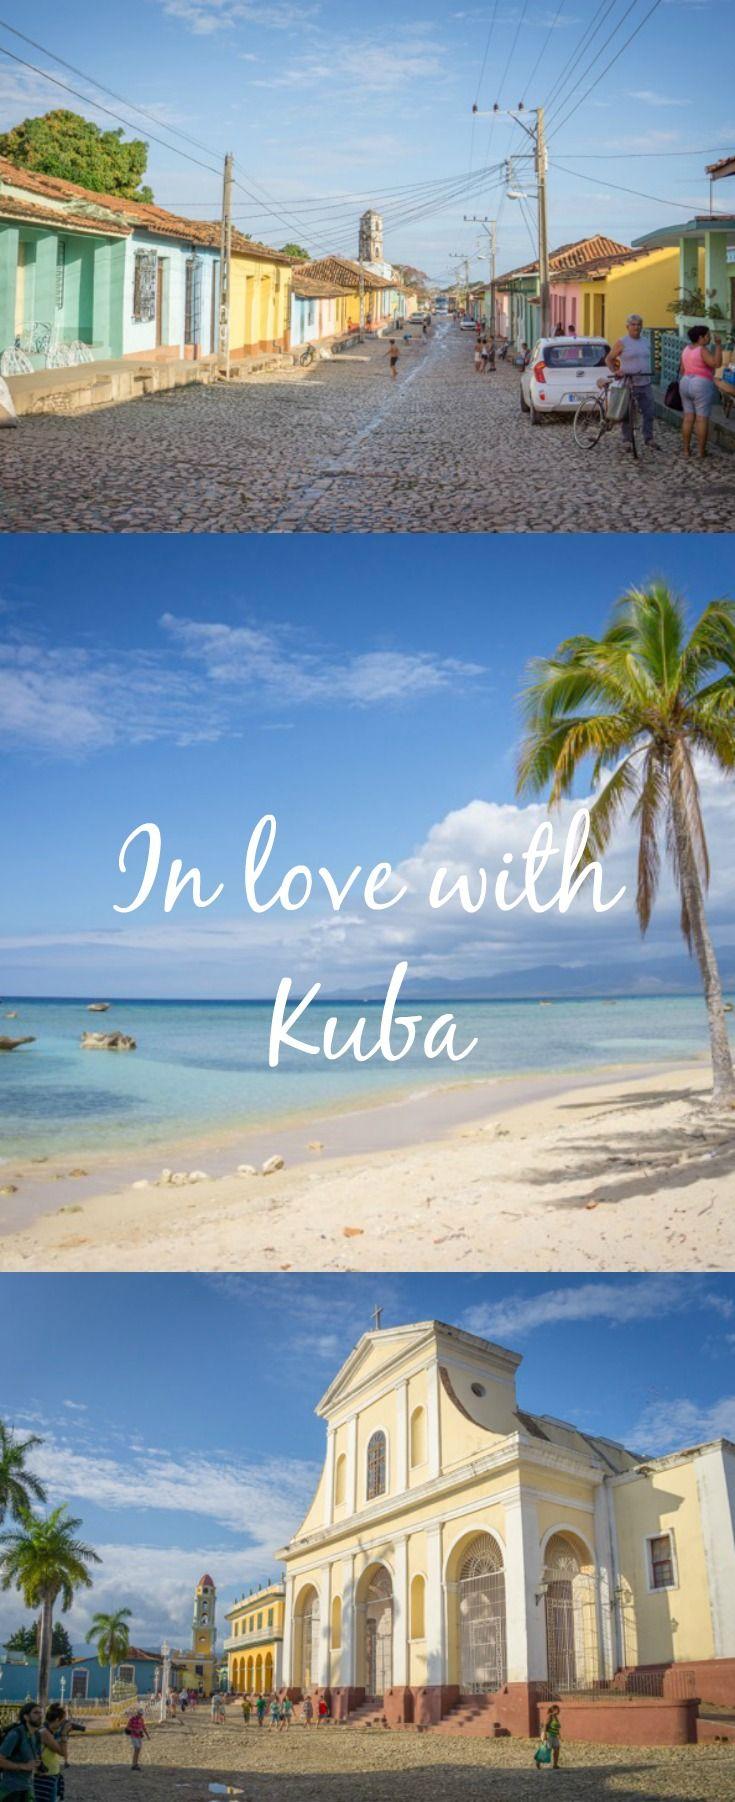 ✓ Planst du demnächst auch eine Reise ins schöne Kuba? Dann lass dich hier von meinen absoluten Highlights und besten Tipps für die Insel inspirieren! ✓